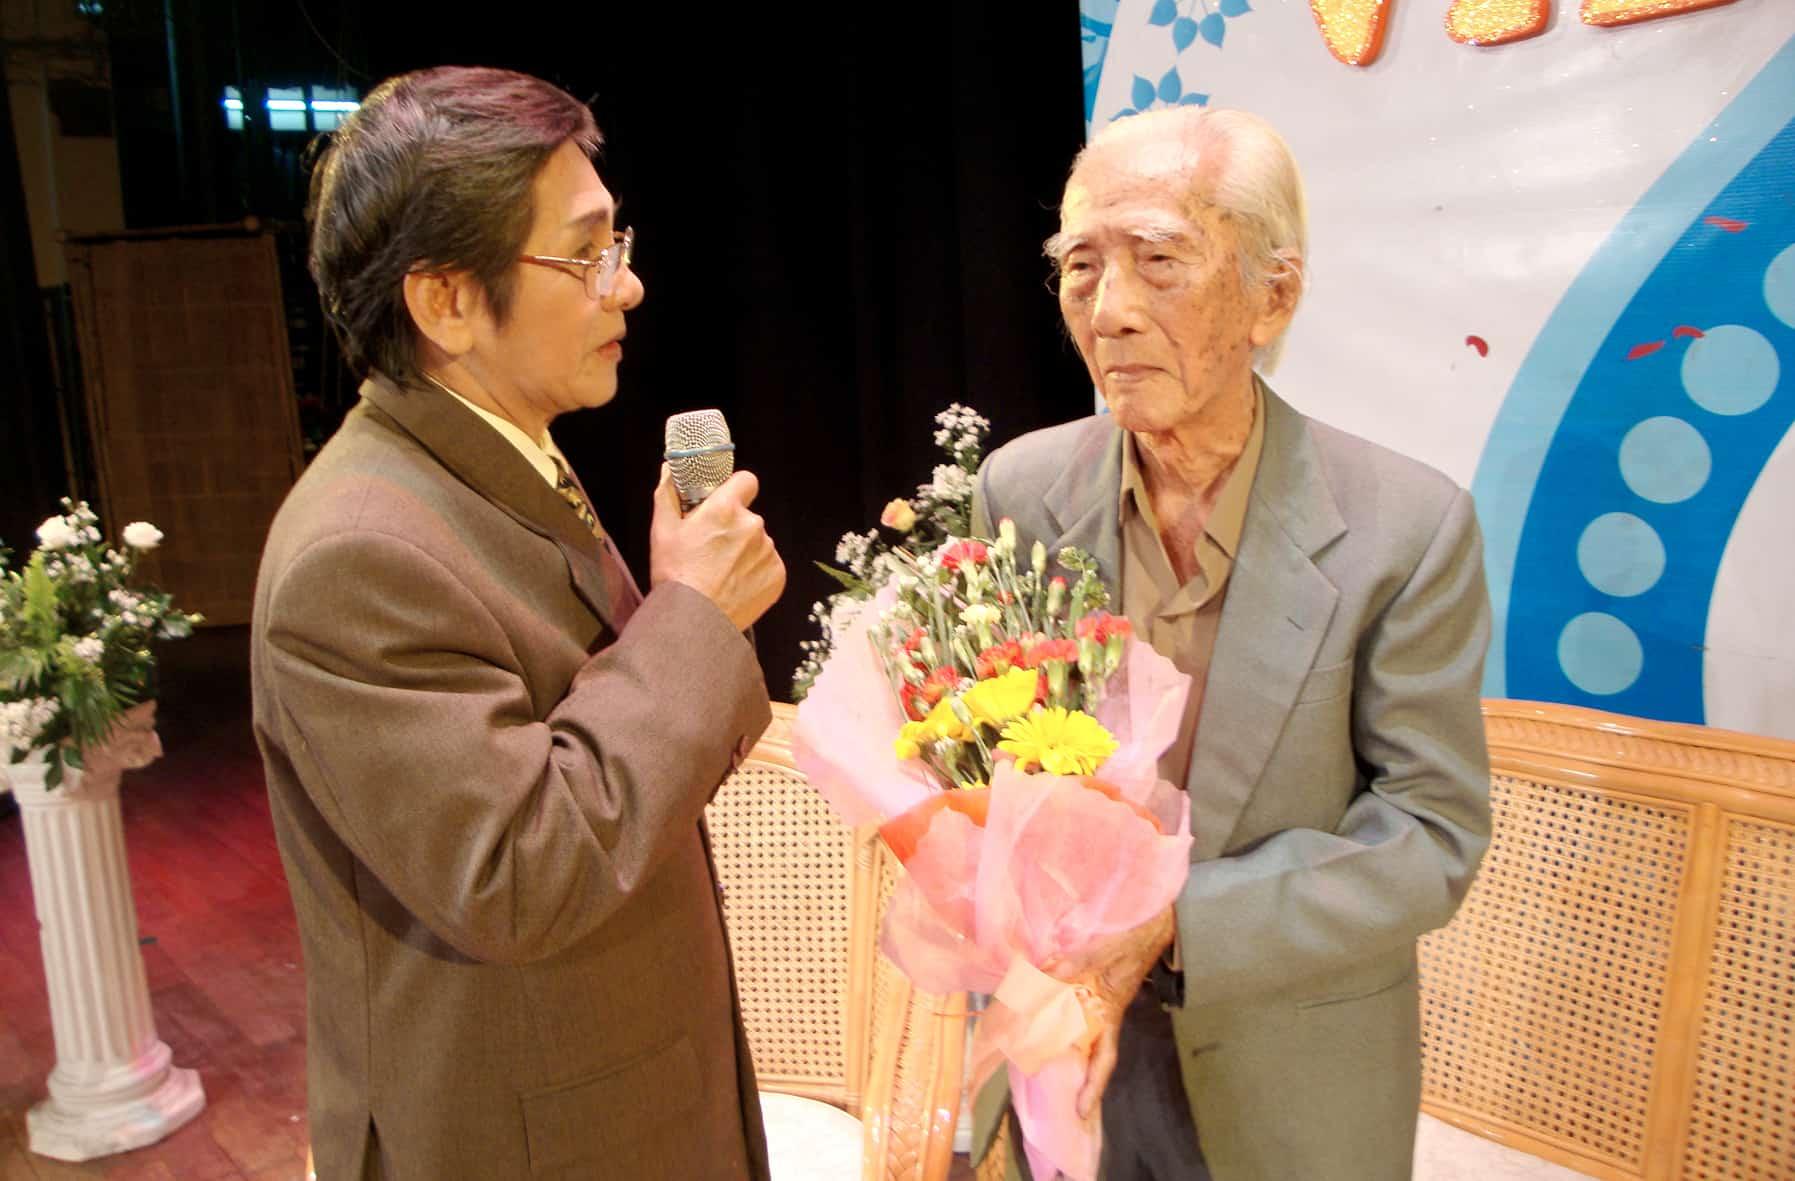 NSƯT Phương Quang trong ngày mừng thọ NSND Viễn Châu 89 tuổi tại Nhà hát TP